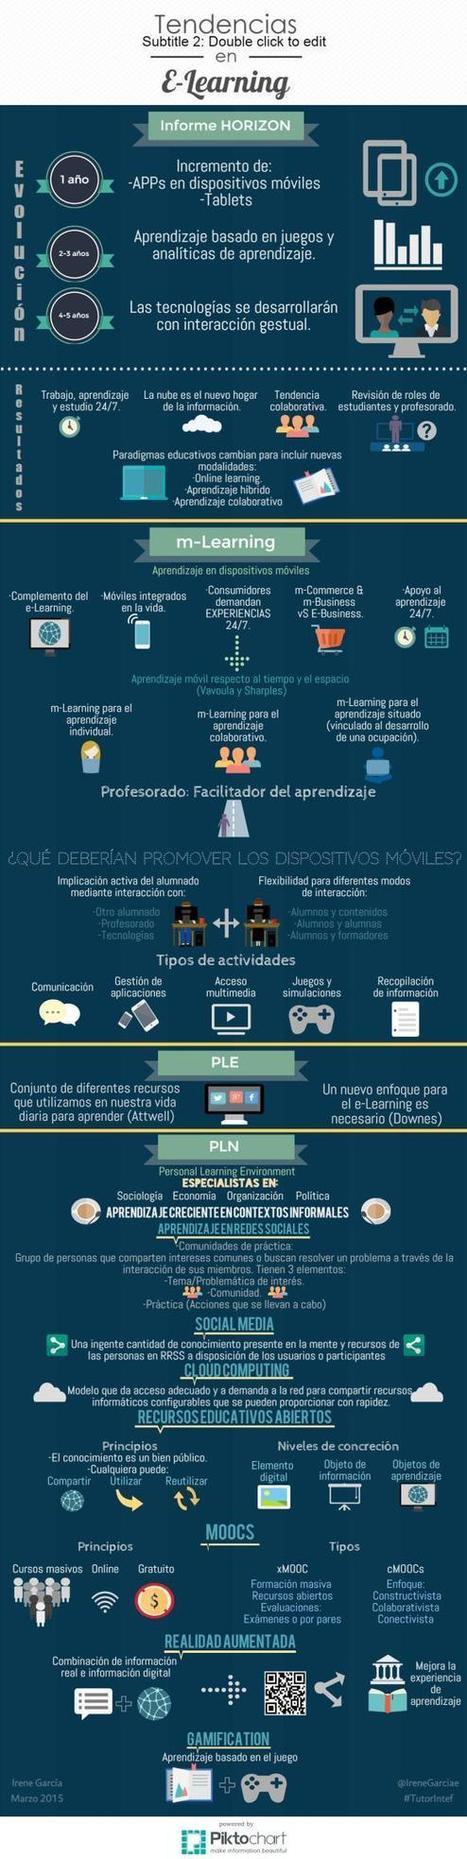 Tendencias en eLearning #infografia #infographic #education | Experiencias educativas en las aulas del siglo XXI | Scoop.it